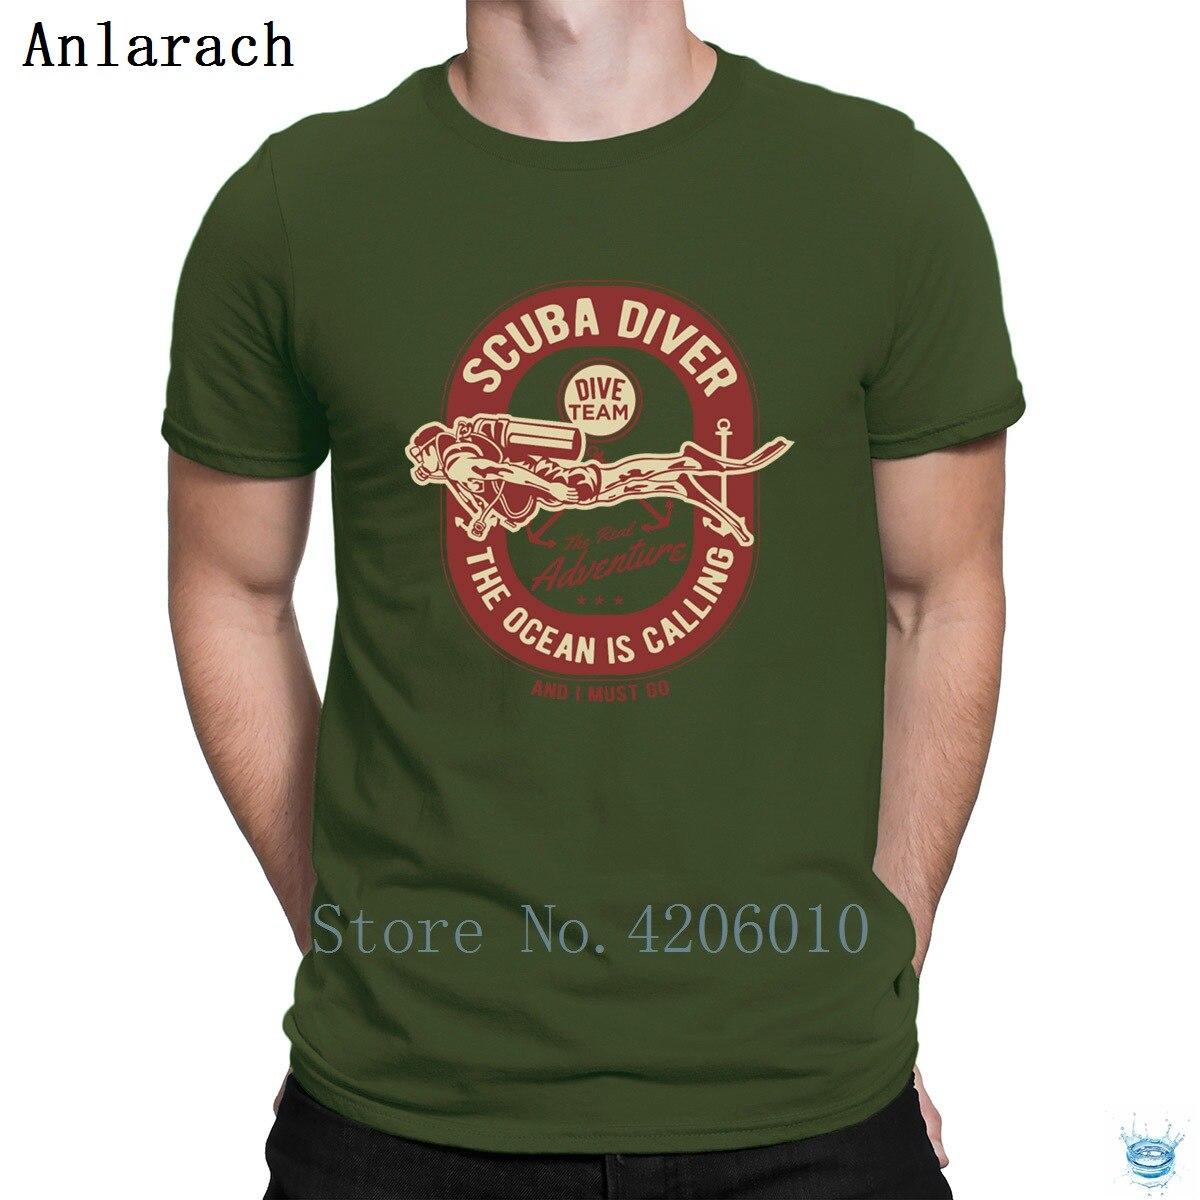 Scuba Diver Divings Dives Ocean T-Shirts Spring Homme Cheap Design T Shirt For Men Quirky Cotton Fashion Letters